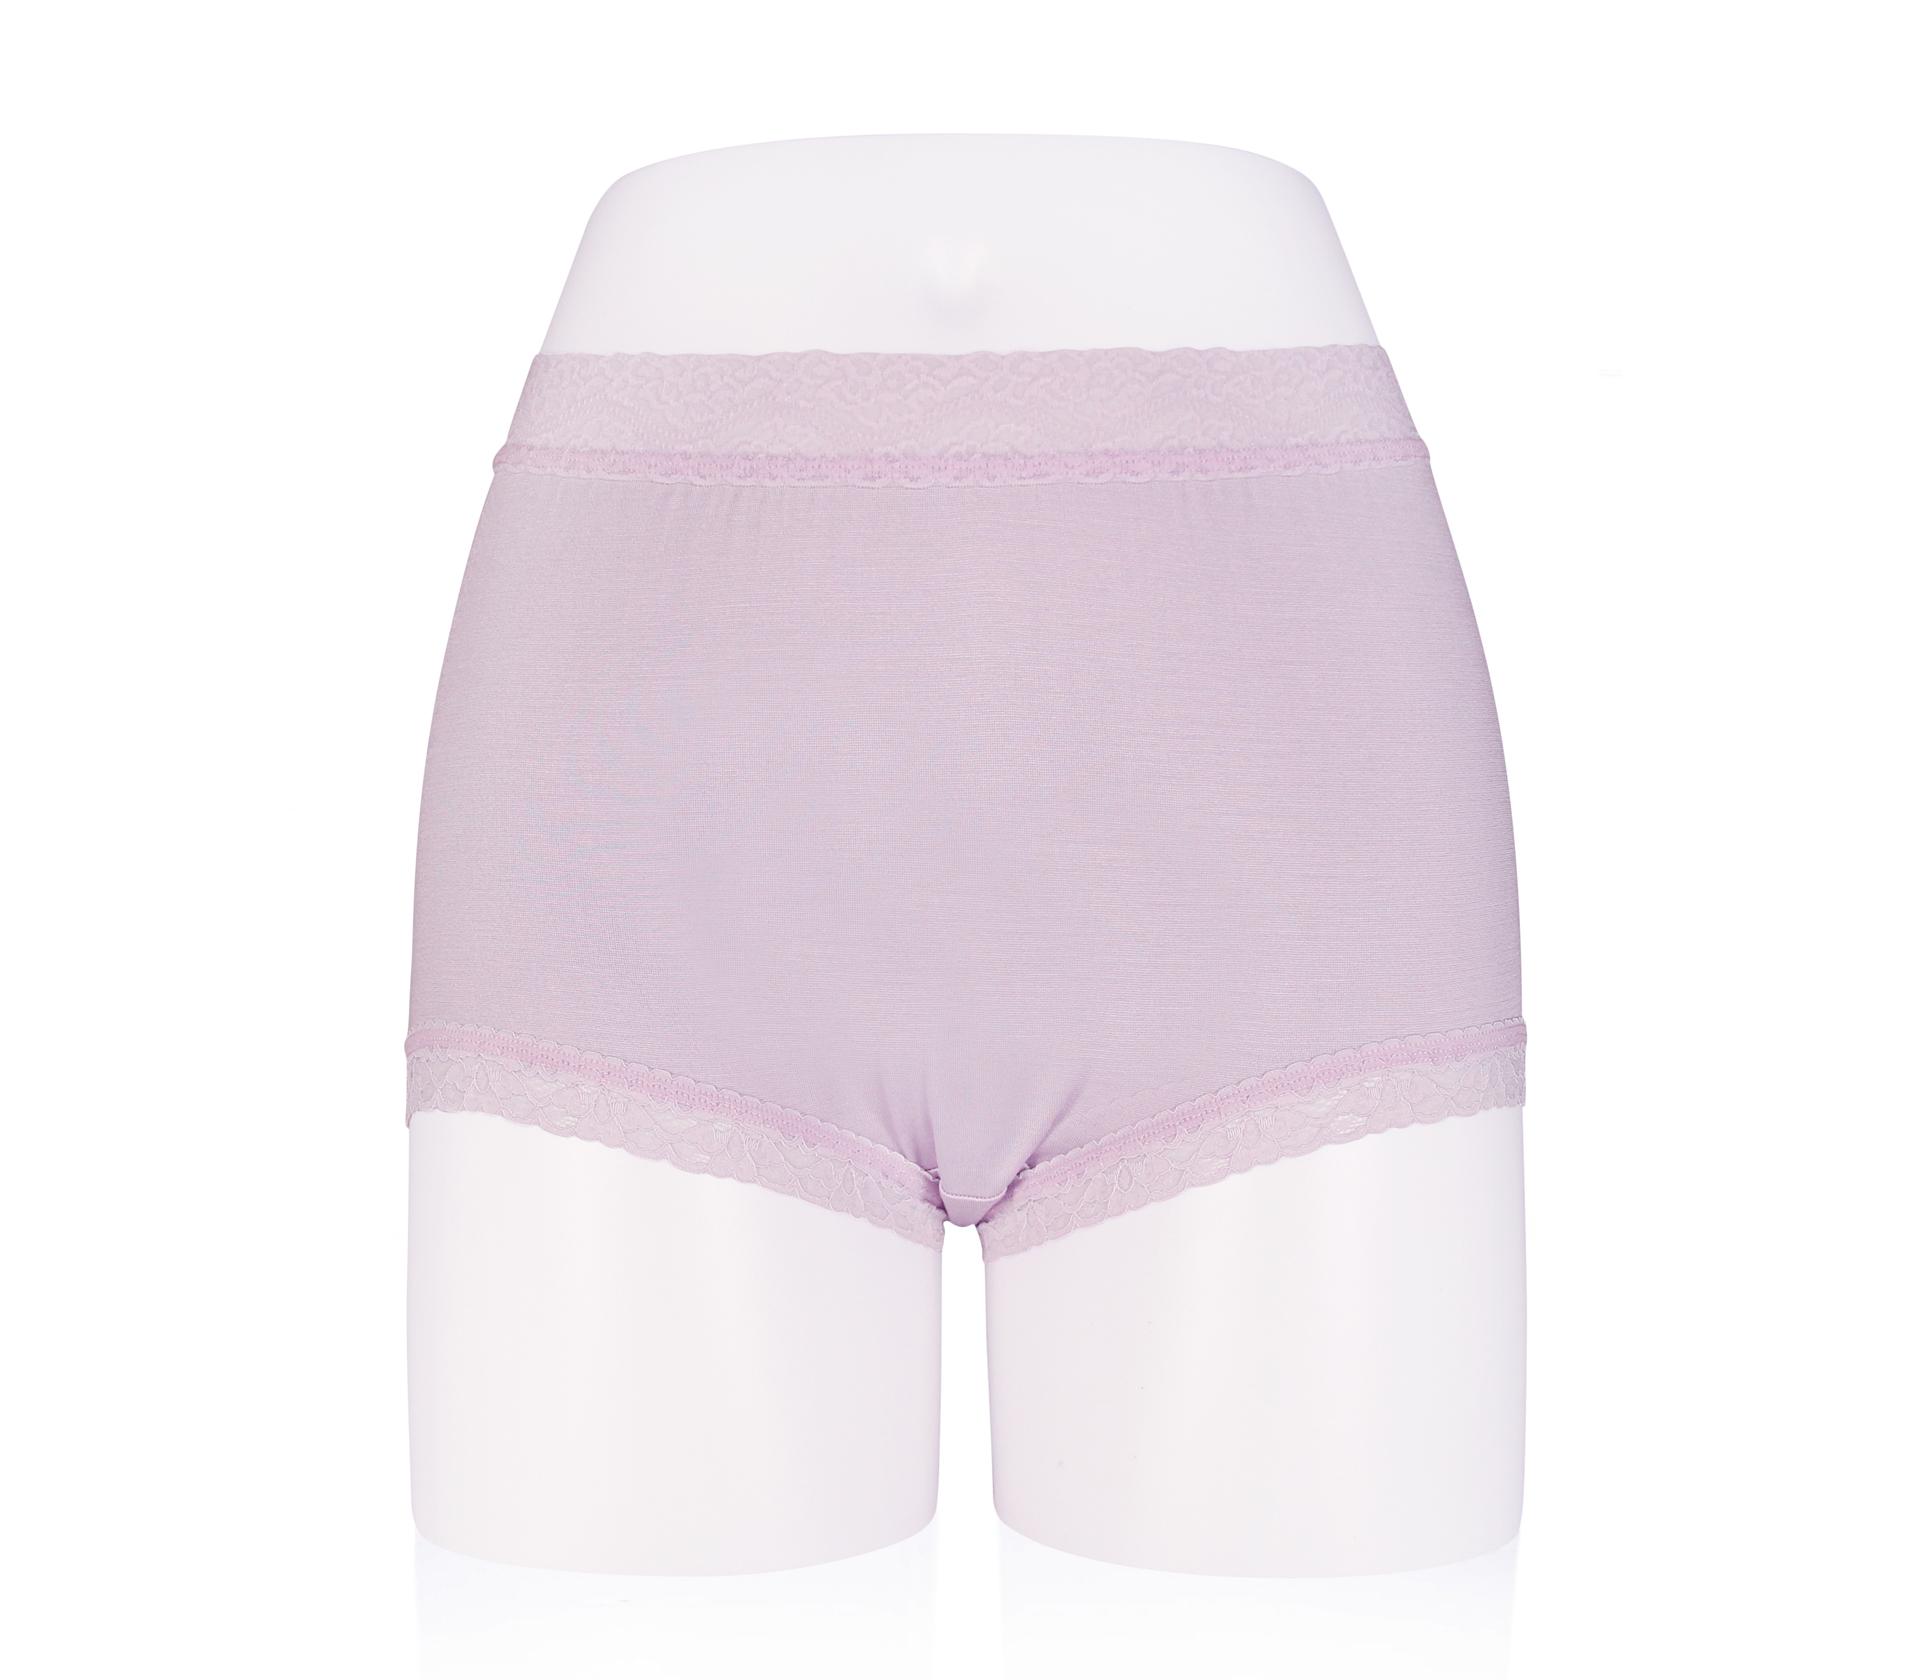 闕蘭絹中腰粉嫩親膚100%蠶絲平口褲 - 88118 (紫色)